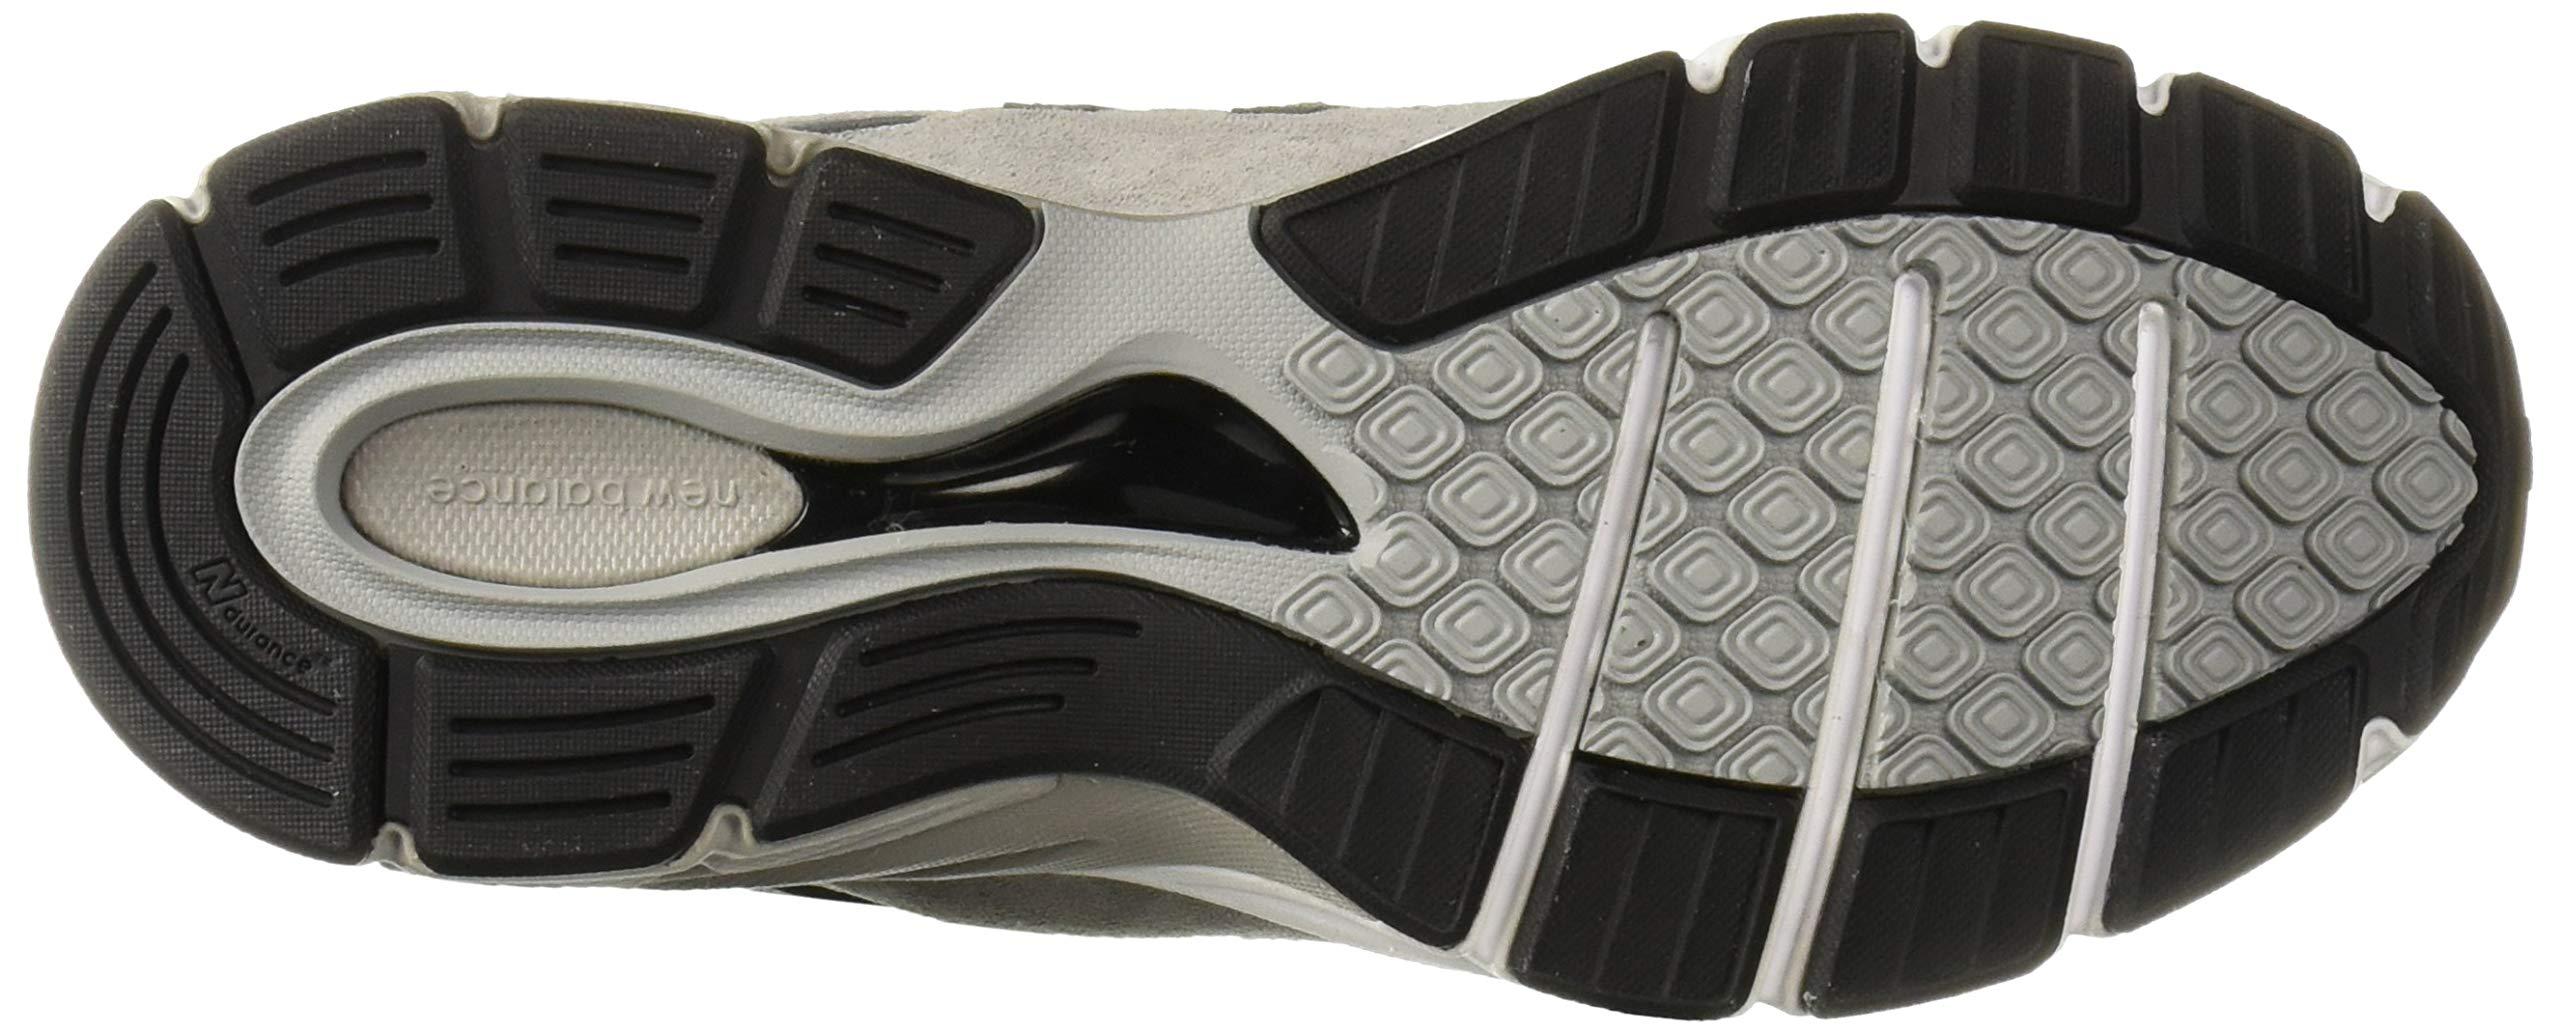 71p7pQ7eRVL - New Balance Men's 990v4 Running Shoe